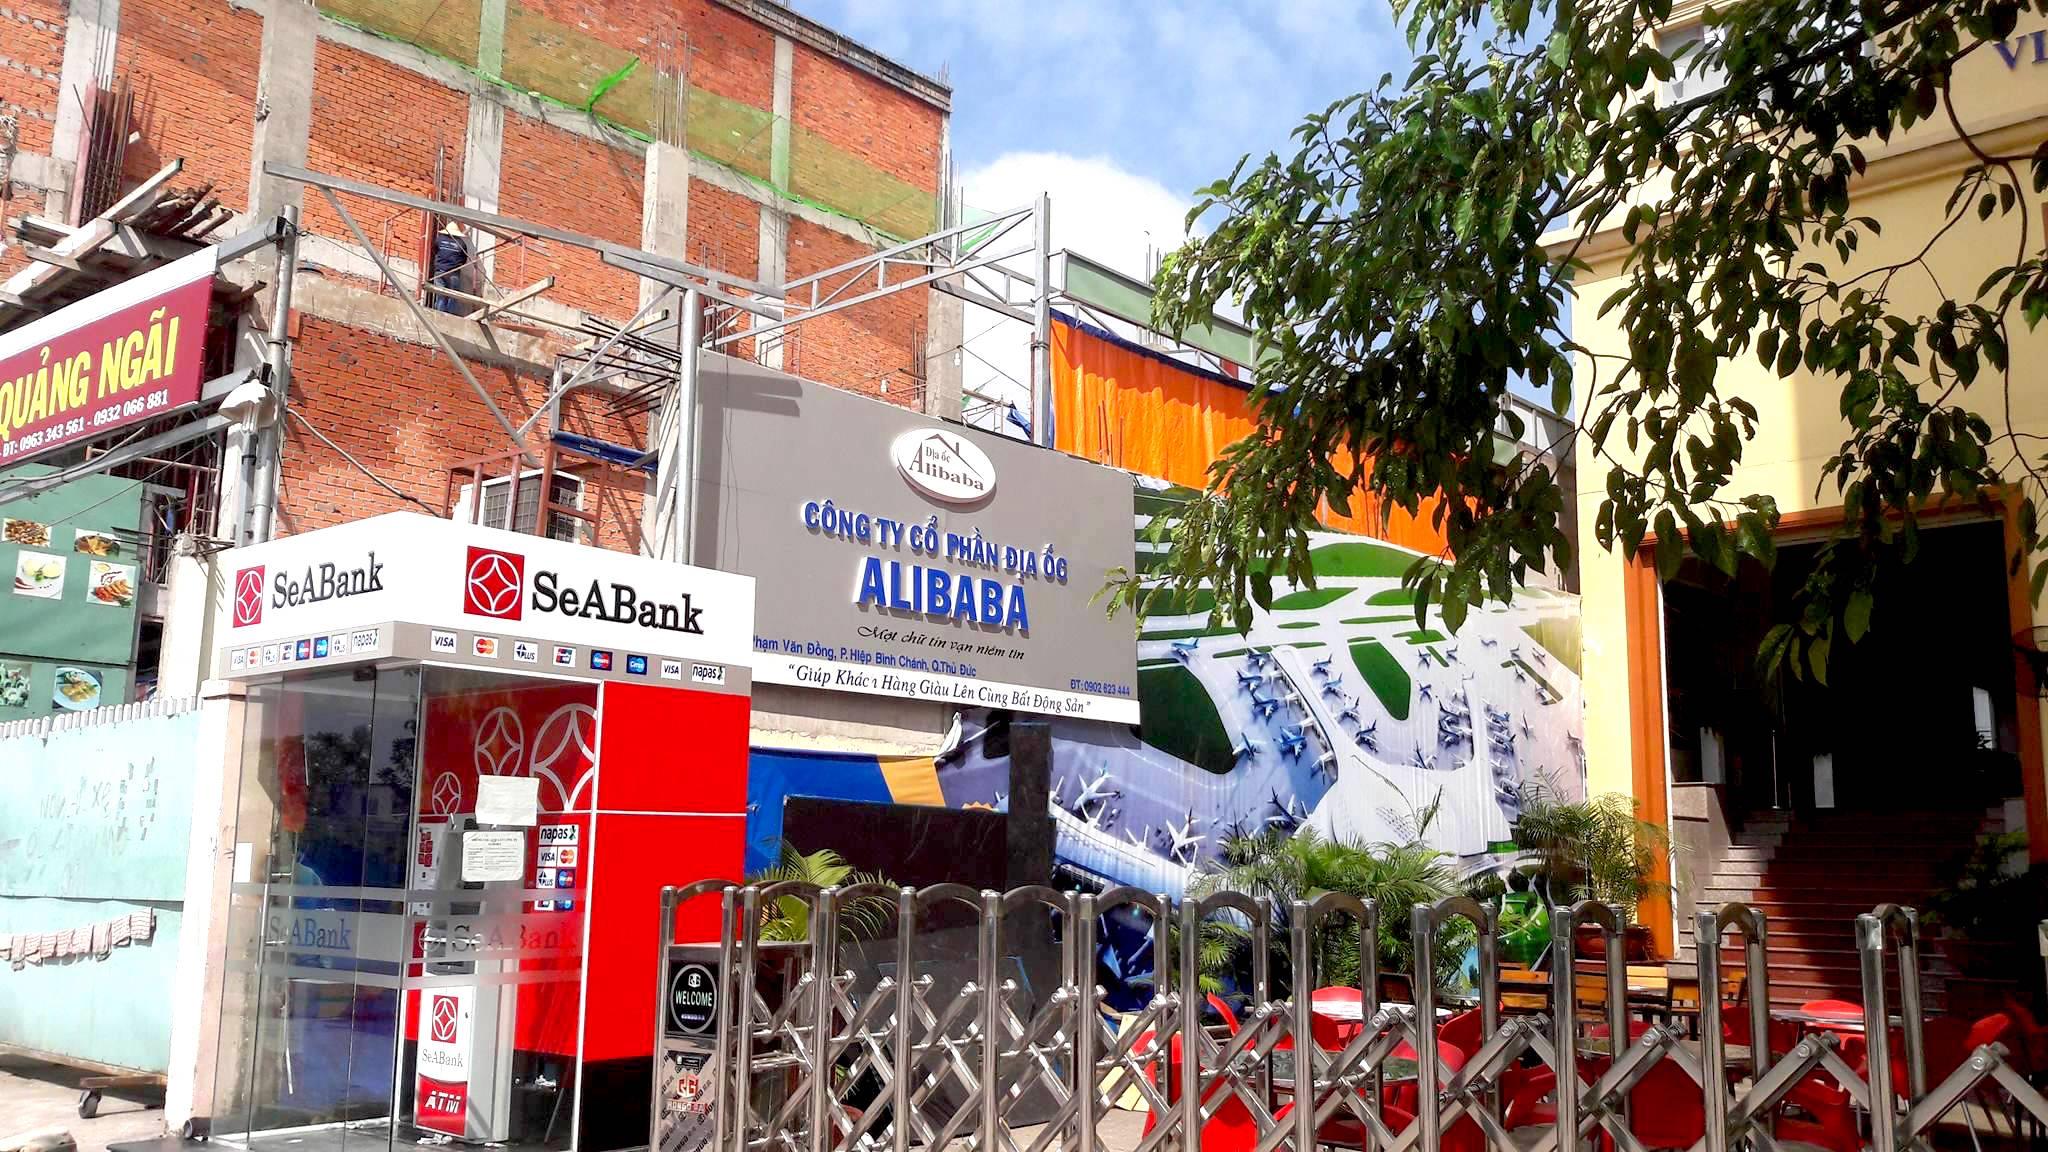 Cấm công ty địa ốc Alibaba tham gia dự án Tây Bắc Củ Chi - Ảnh 1